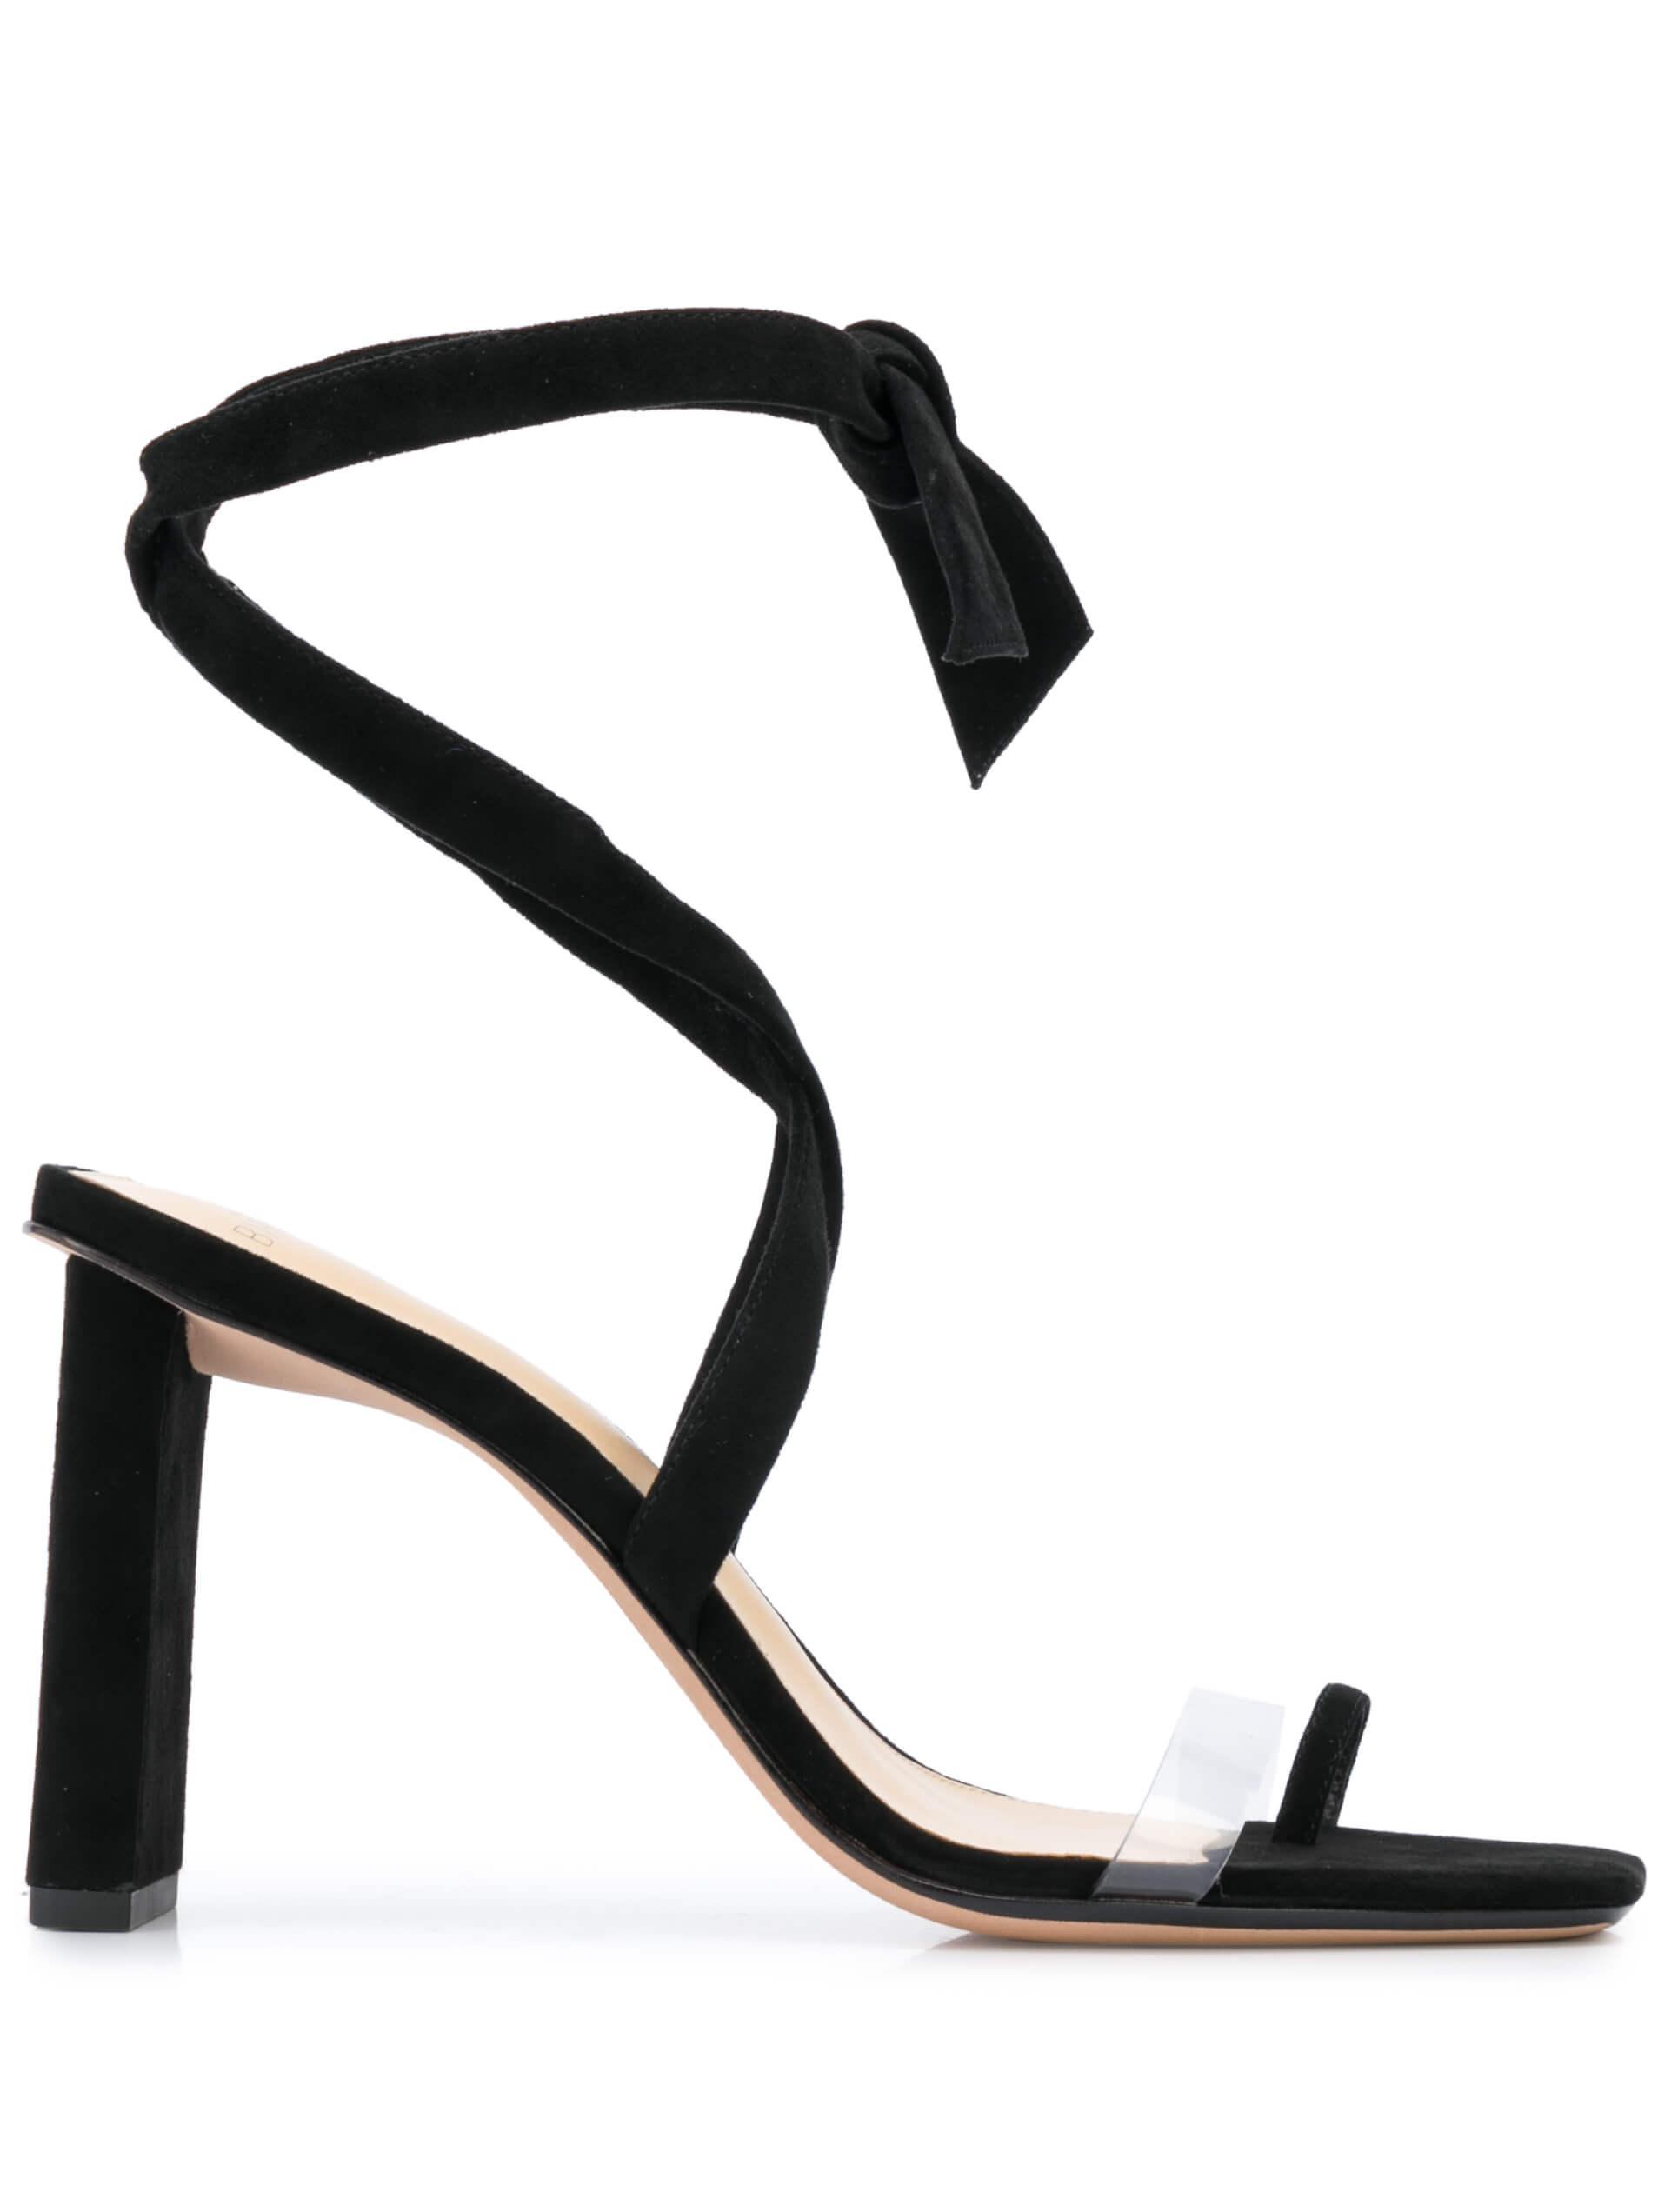 Katie 85mm PVC/Leather Sandal